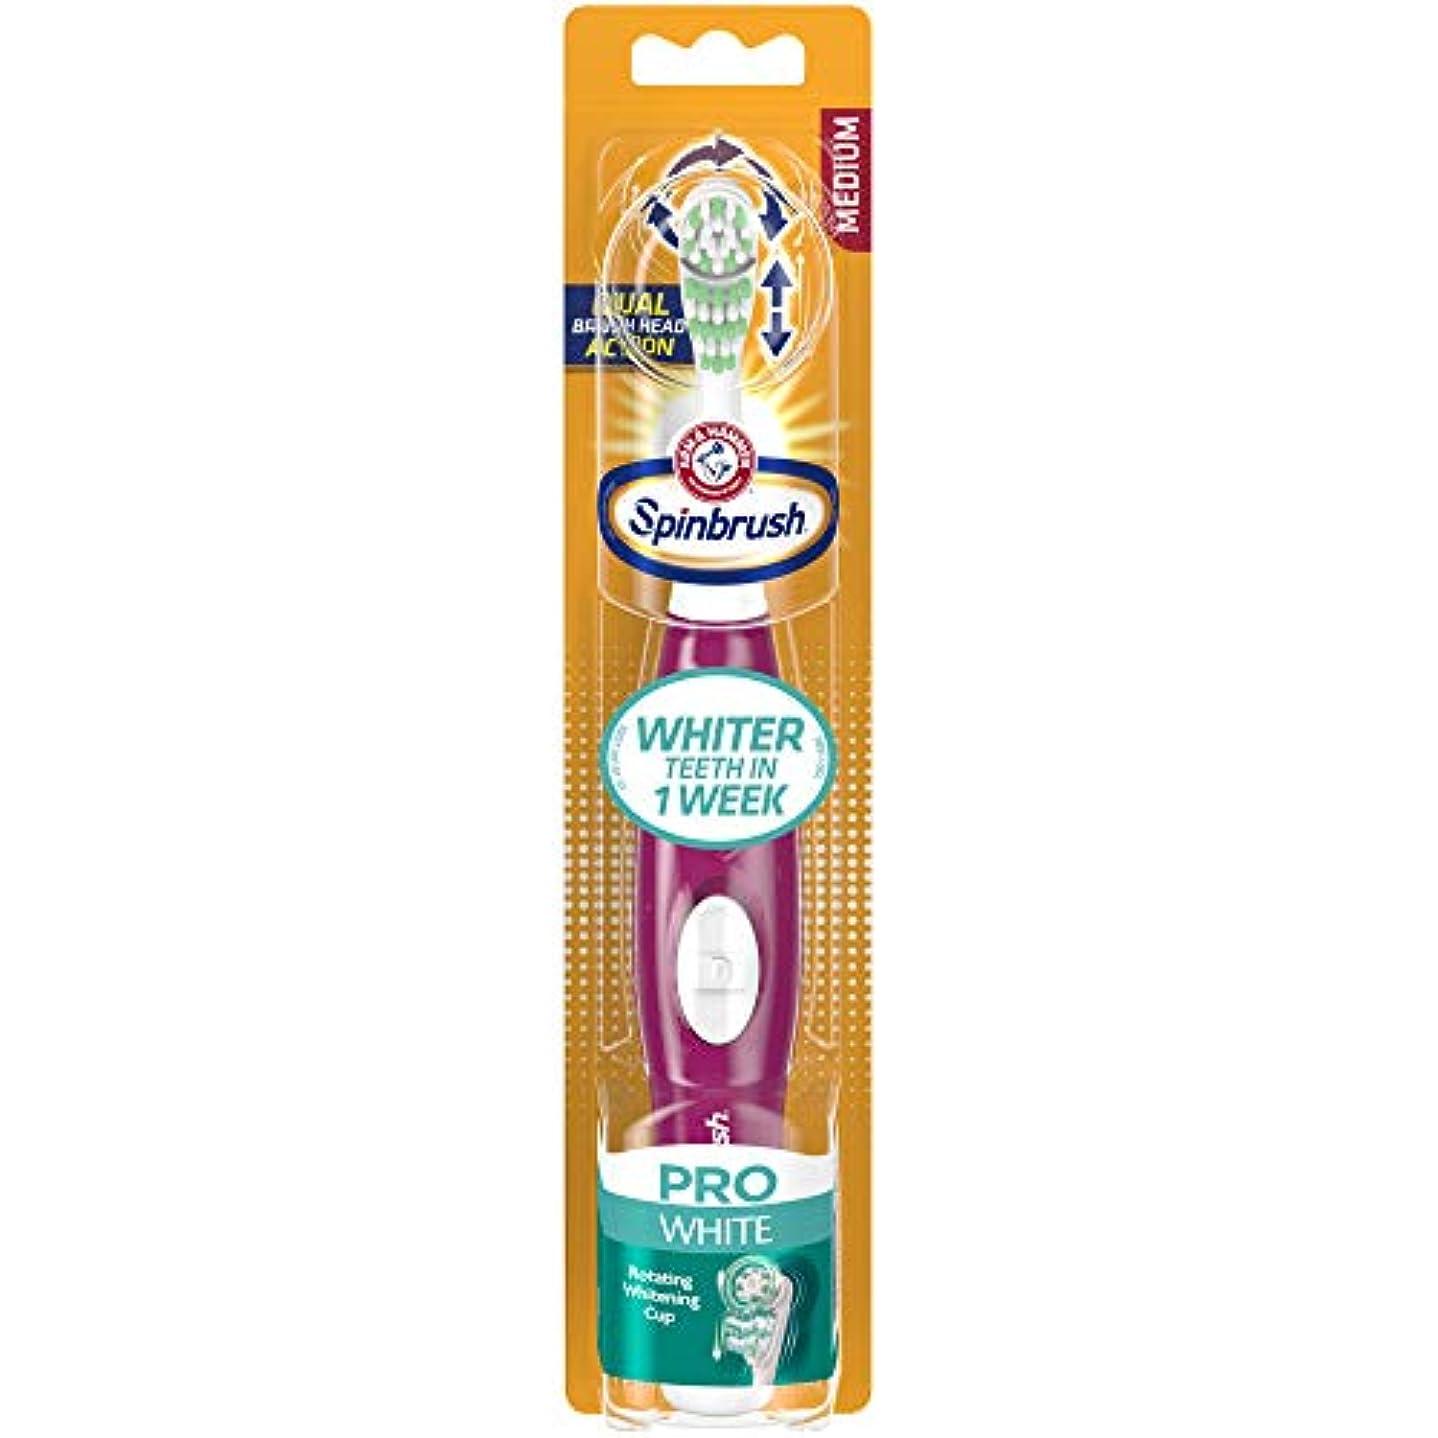 規範退化する貢献するSpinbrush プロシリーズウルトラホワイト歯ブラシ、中1 Eaは 中